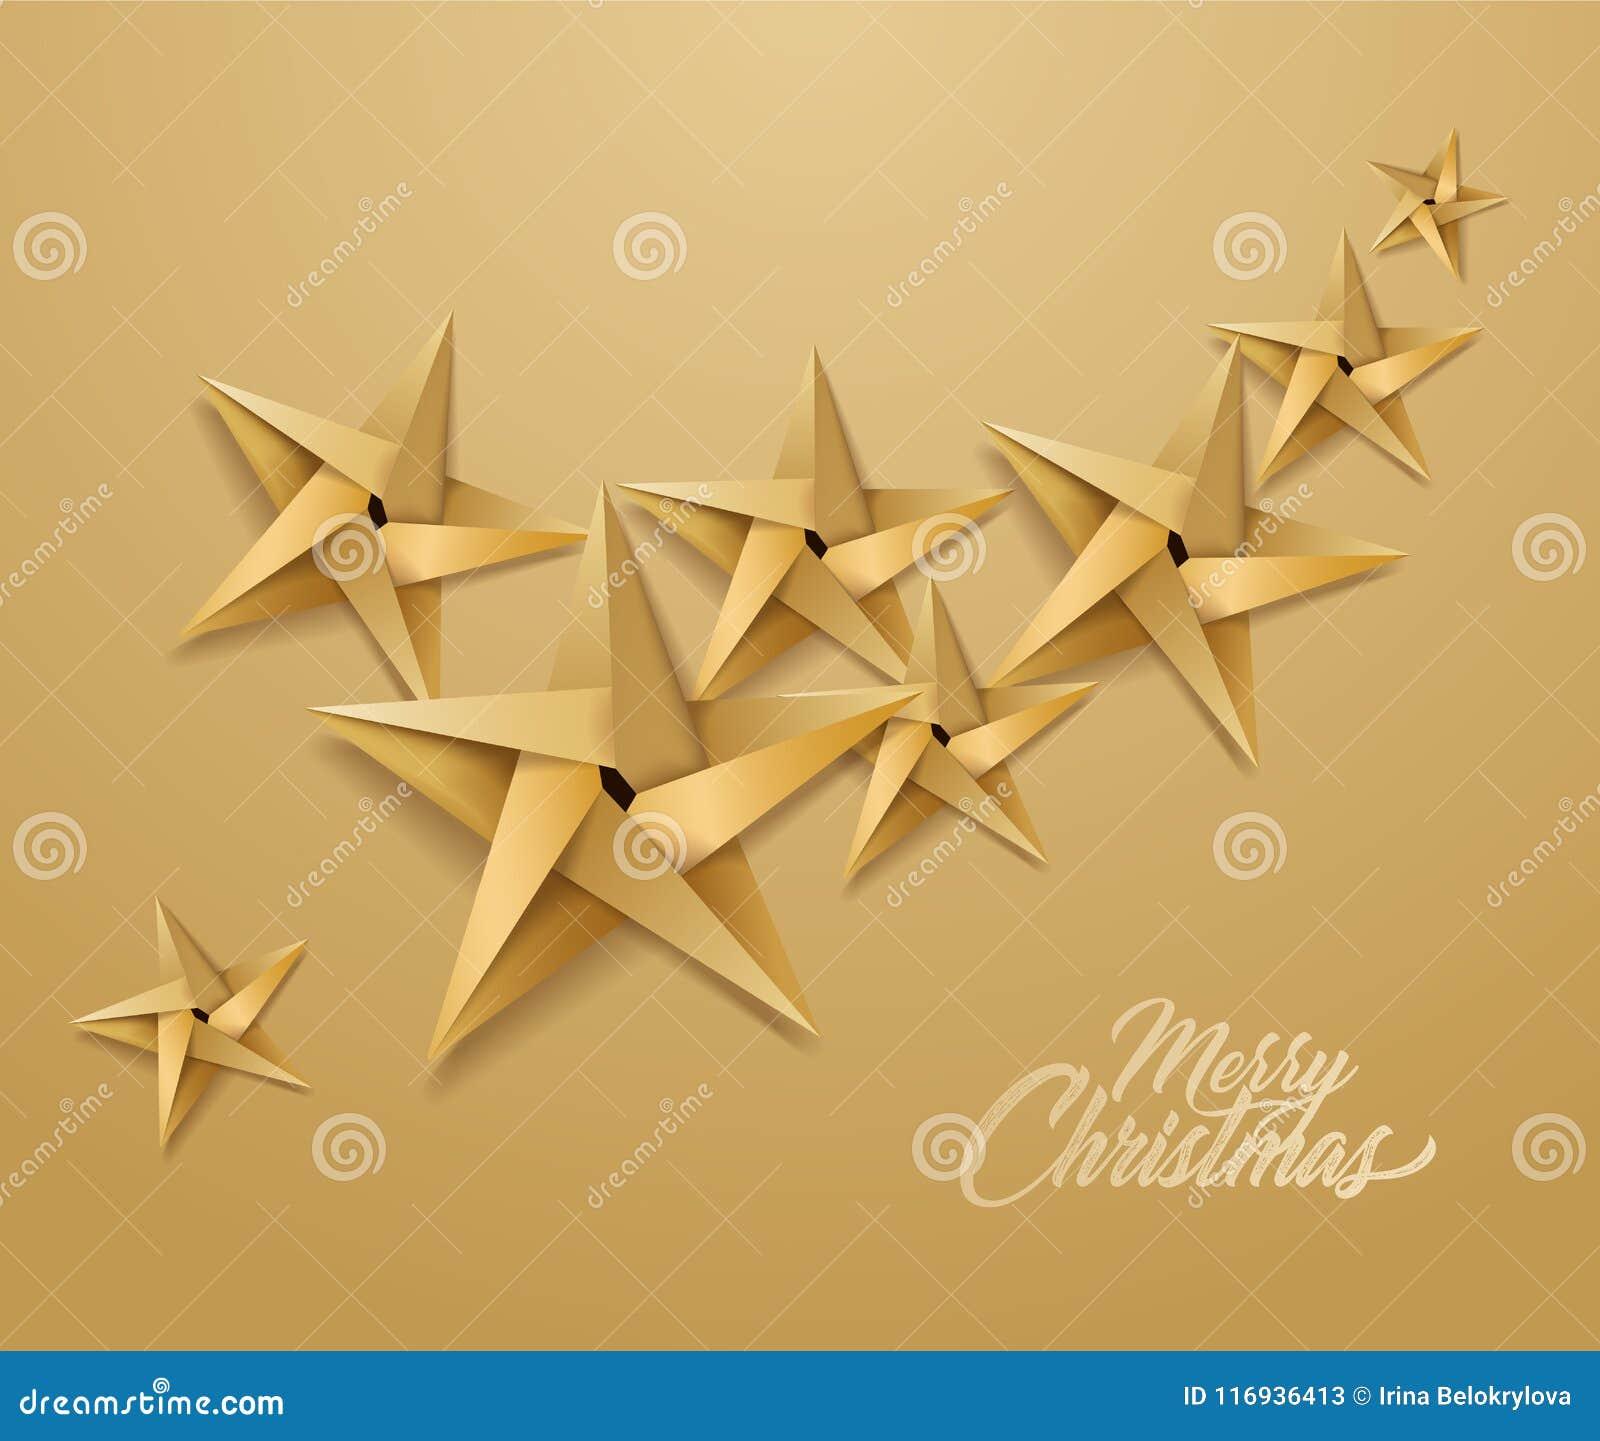 Origami Stella Di Natale.Stella Di Carta Di Festa Di Natale Di Origami Di Vettore Illustrazione Vettoriale Illustrazione Di Glowing Carta 116936413